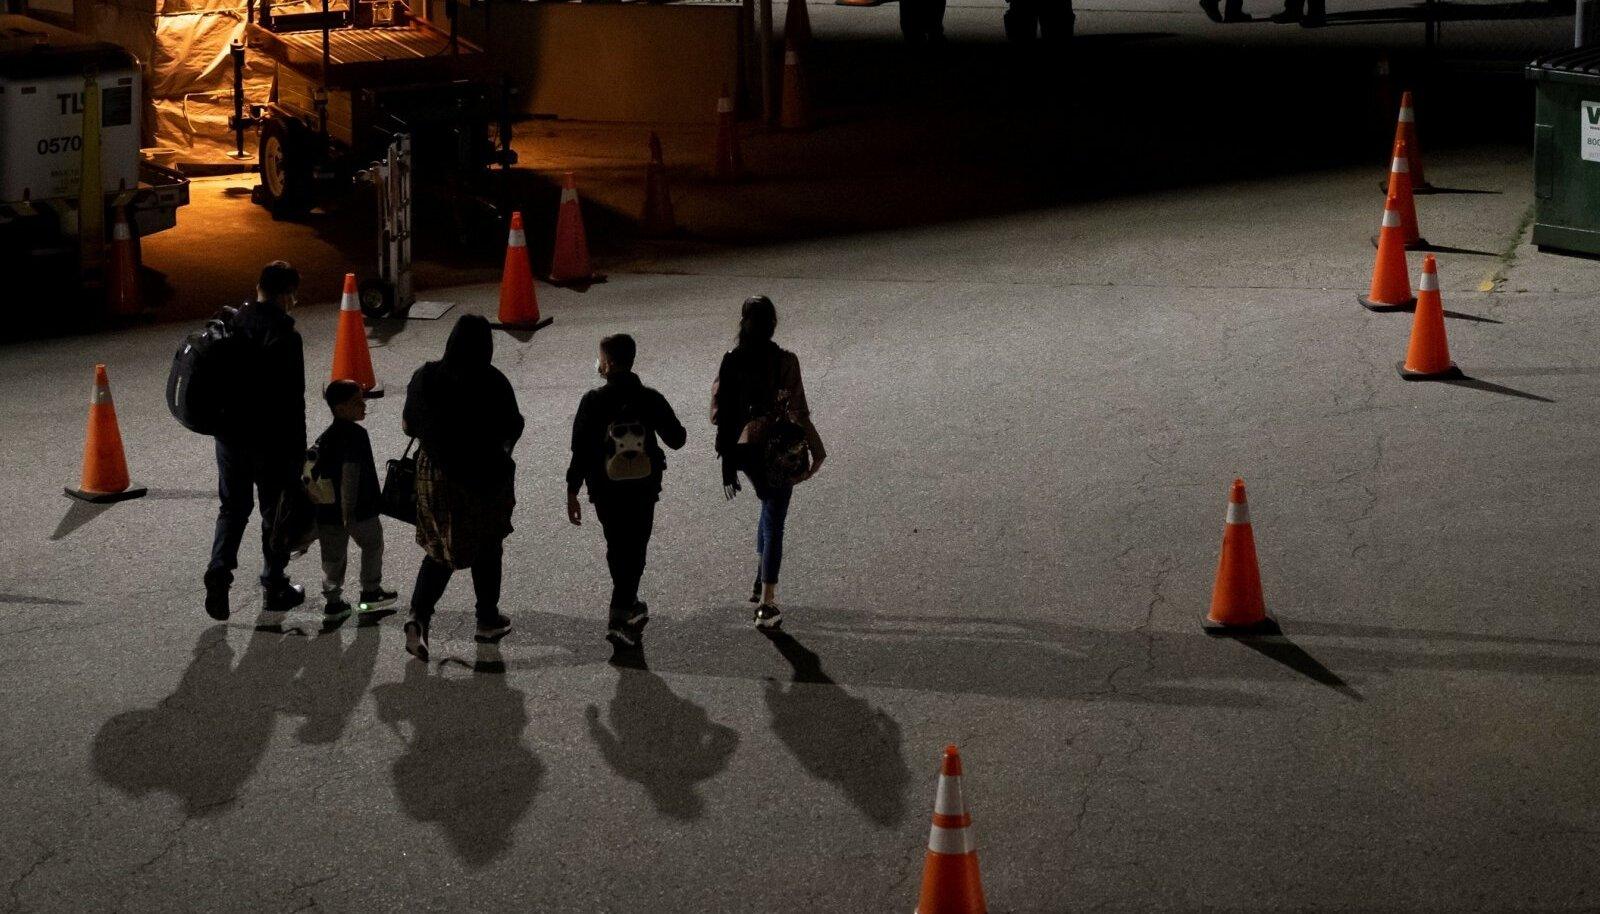 Kanada evakueeris juba möödunud nädala keskel neid Afganistanis aidanud inimesi. Pildil ära toodud afgaanid Toronto lennuväljal